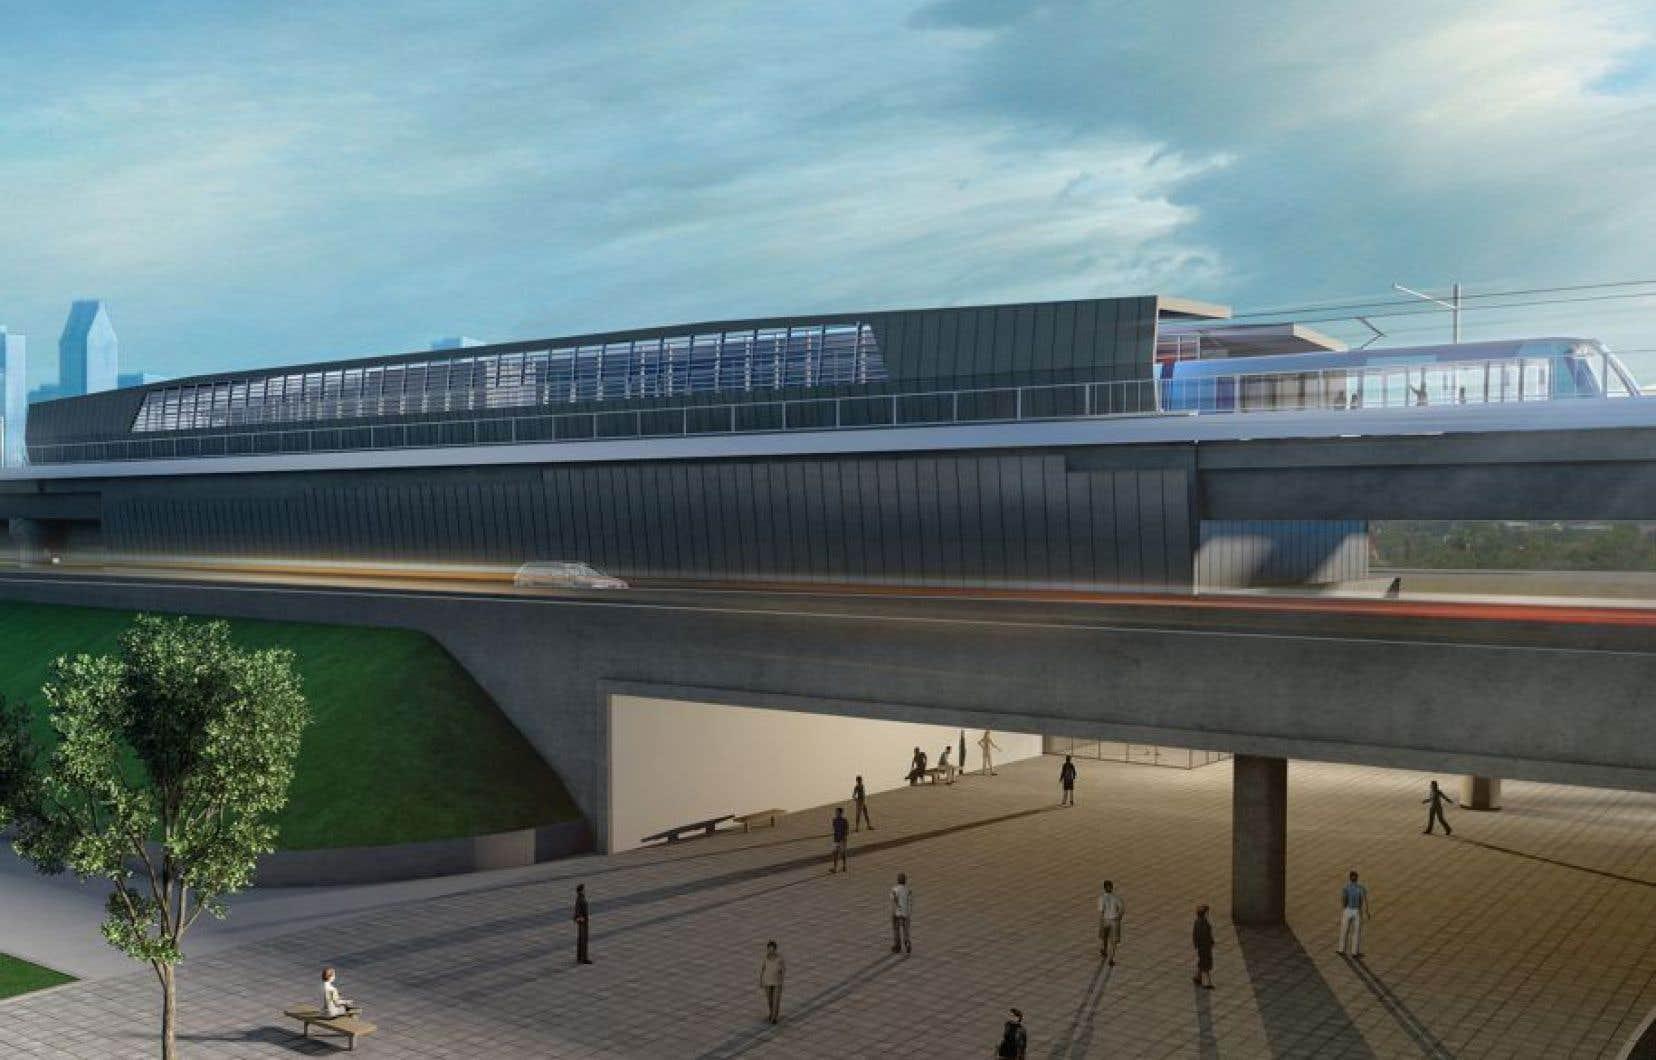 Dans le cadre des travaux du BAPE, CDPQ Infra a dévoilé mardi le sommaire des études d'achalandage préliminaires pour son projet de train électrique.